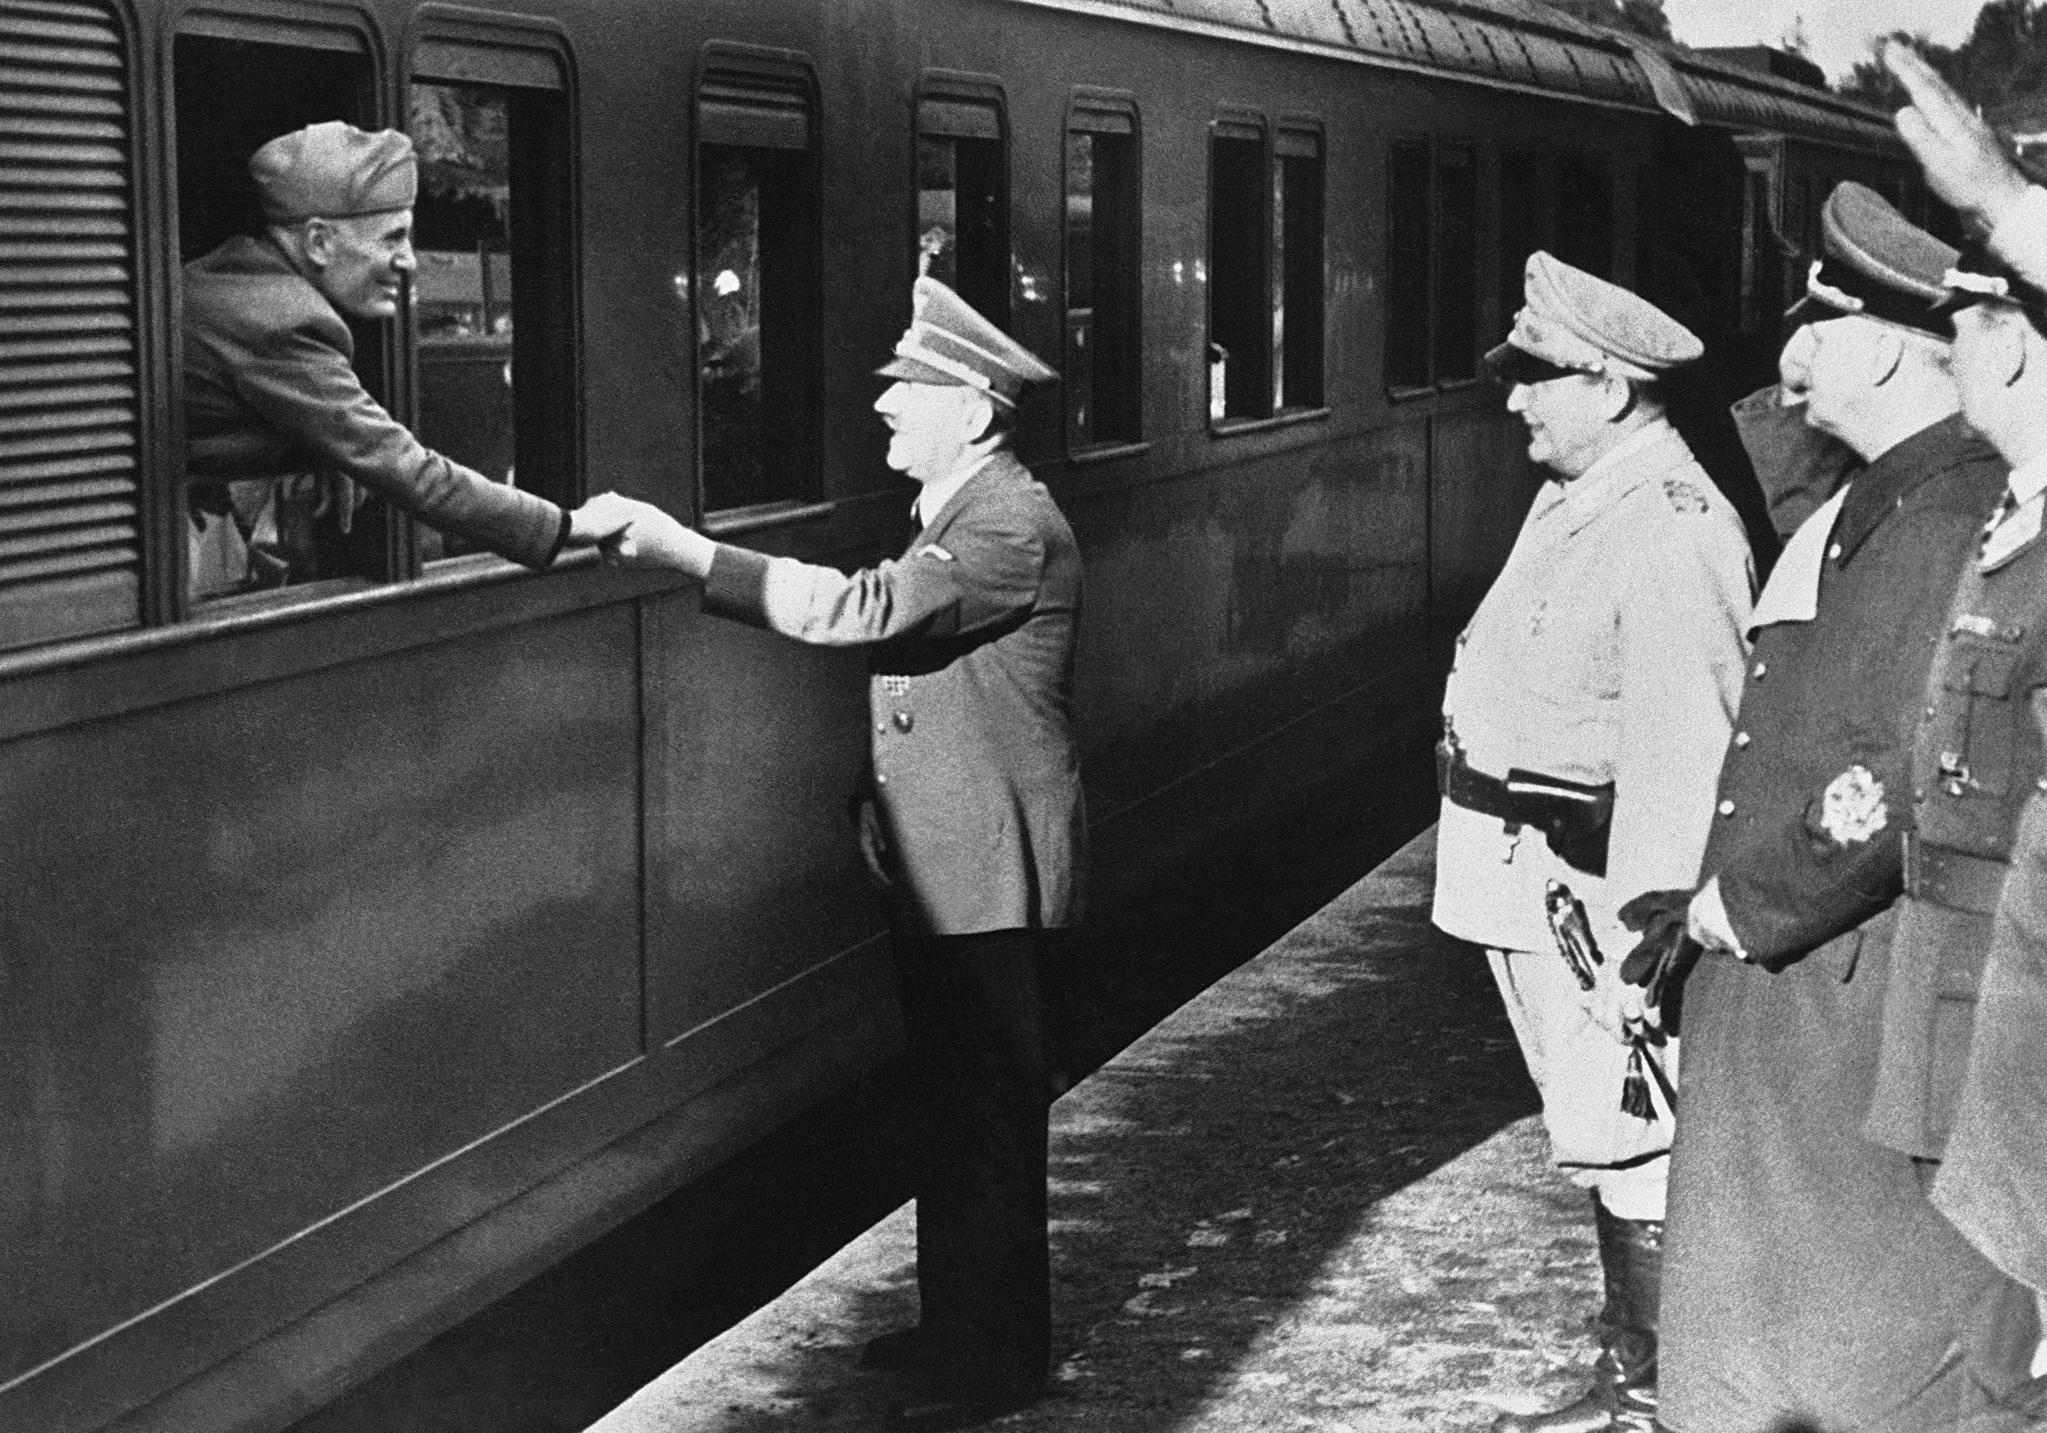 아돌프 히틀러 독일 수상(가운데)이 1944년 8월10일 독일에서 회의를 마치고 열차편으로 떠나는 이탈리아 독재자 베니토 무솔리니를 배웅하고 있다. 같은 해 7월 20일 암살 시도로 오른손을 다친 그는 왼손으로 무솔리니와 악수했다. [AP=연합뉴스]